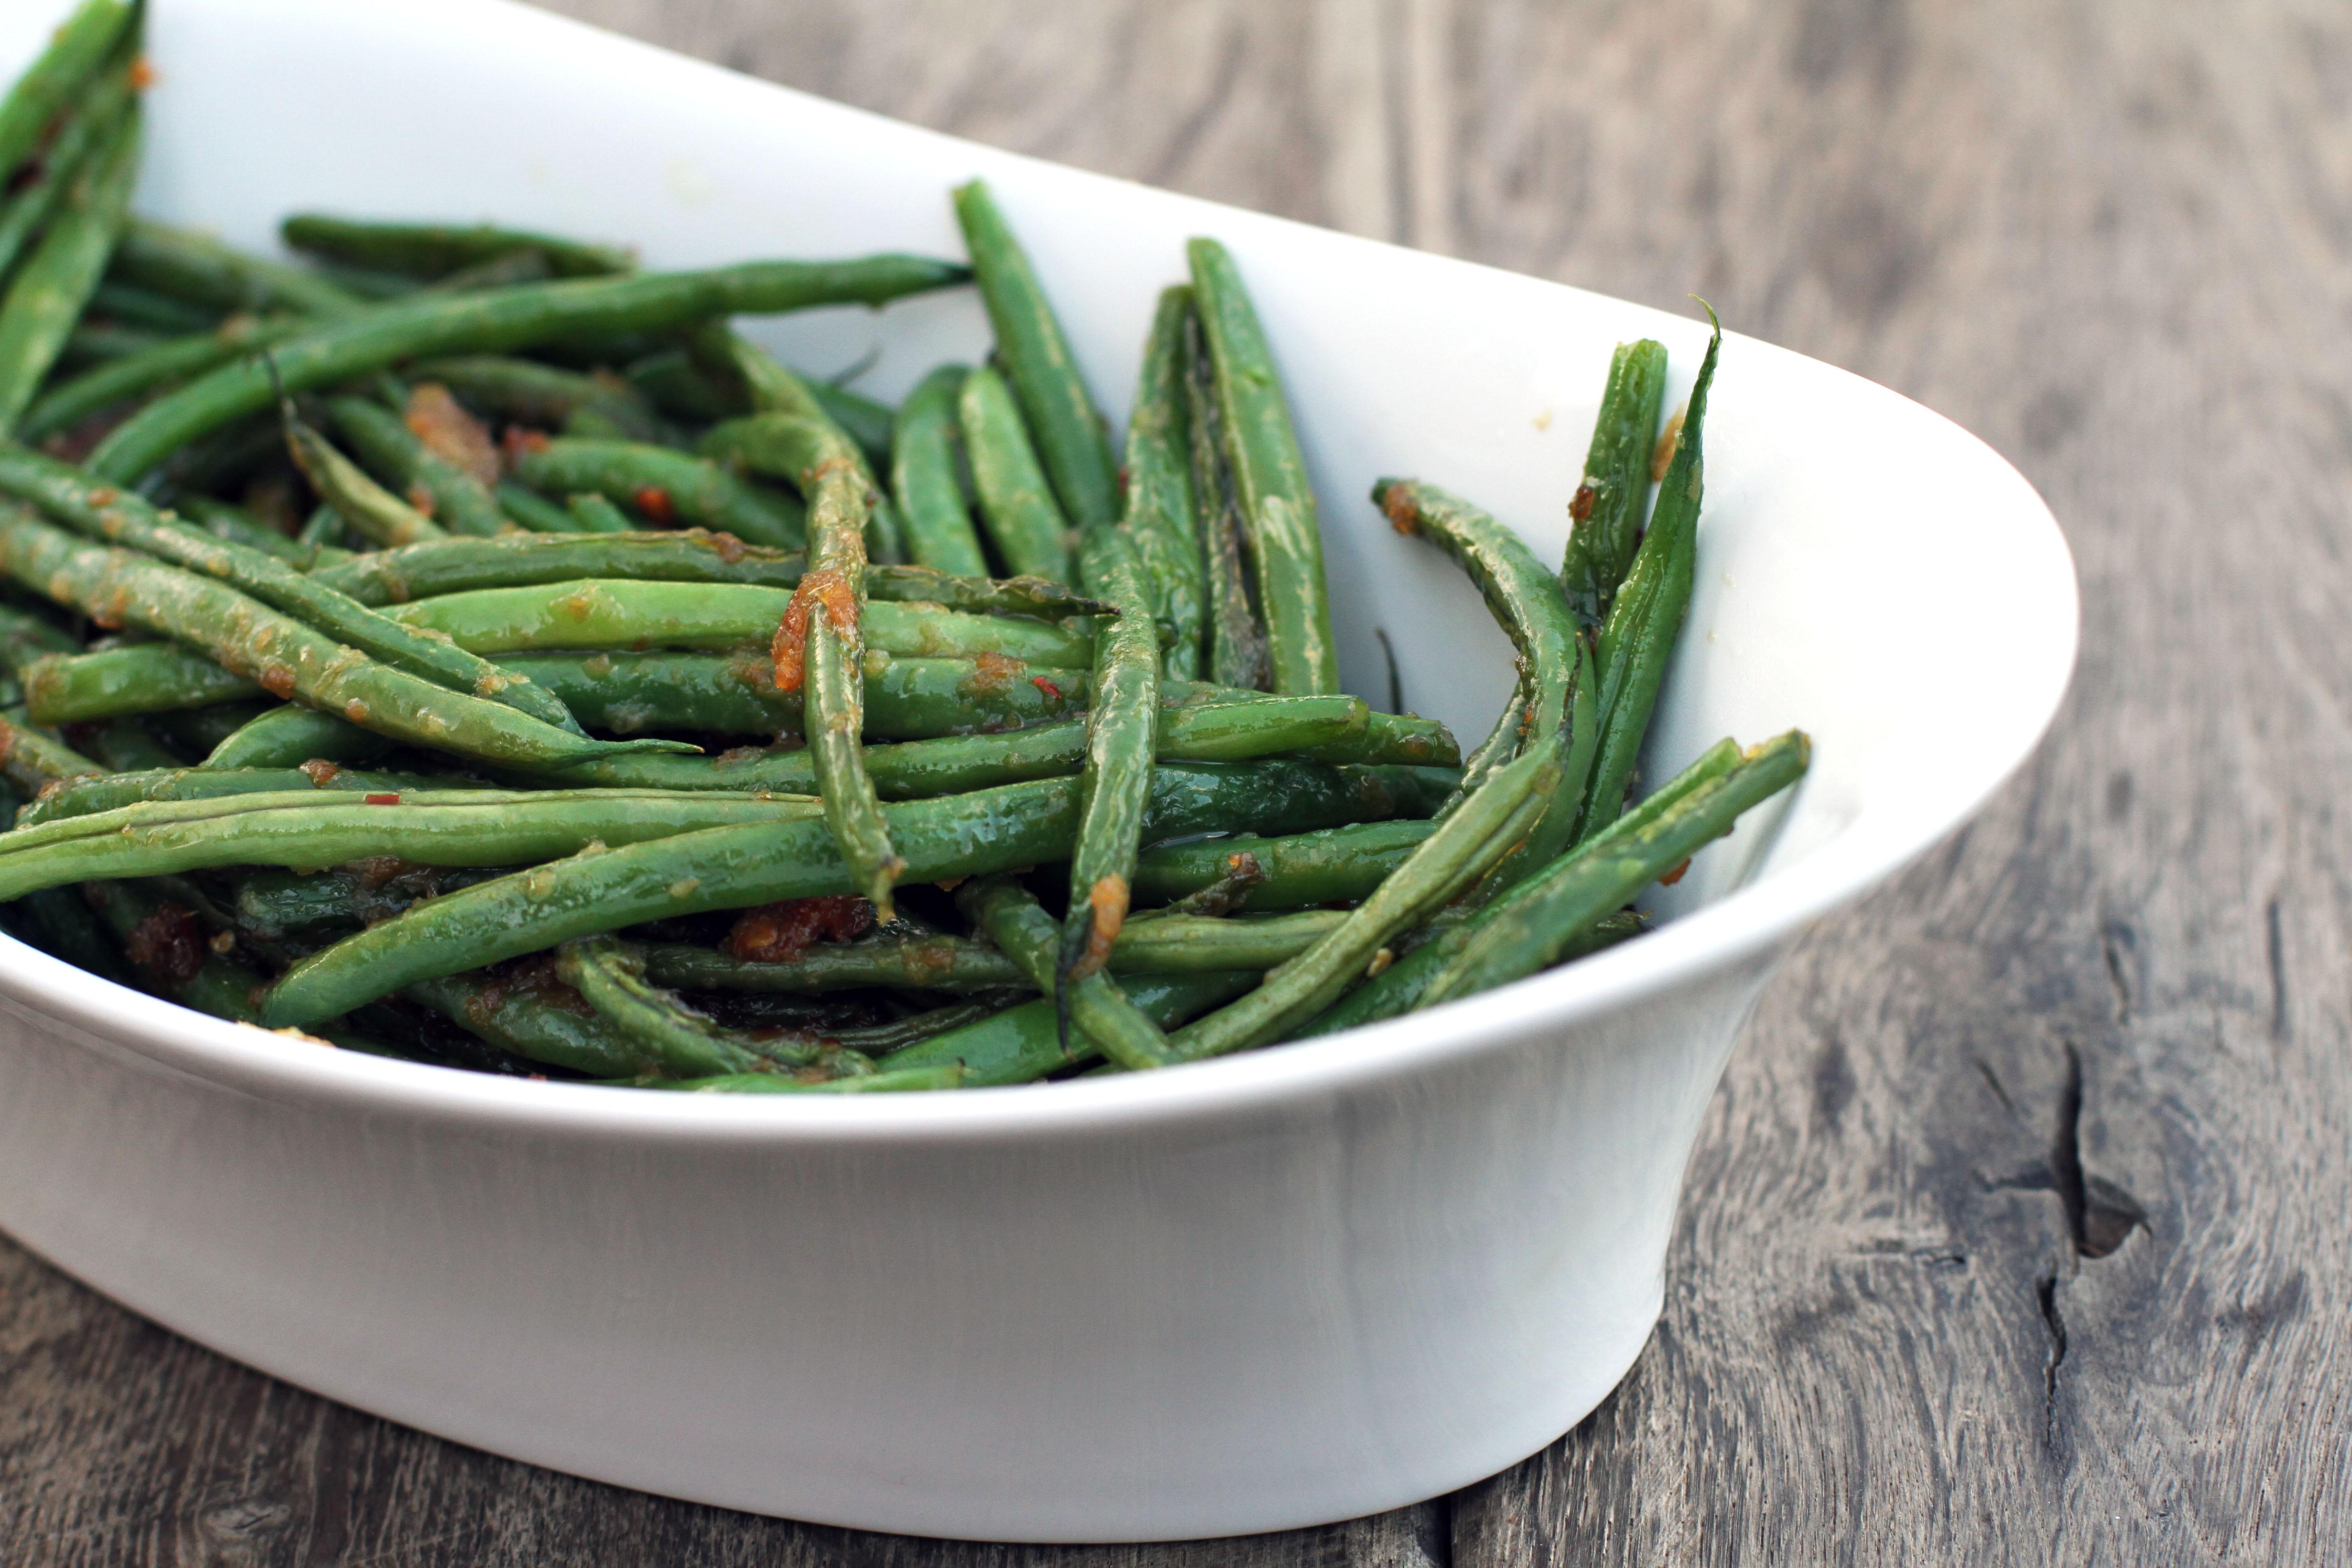 Haricot Vert Beans Haricot Vert Green Beans